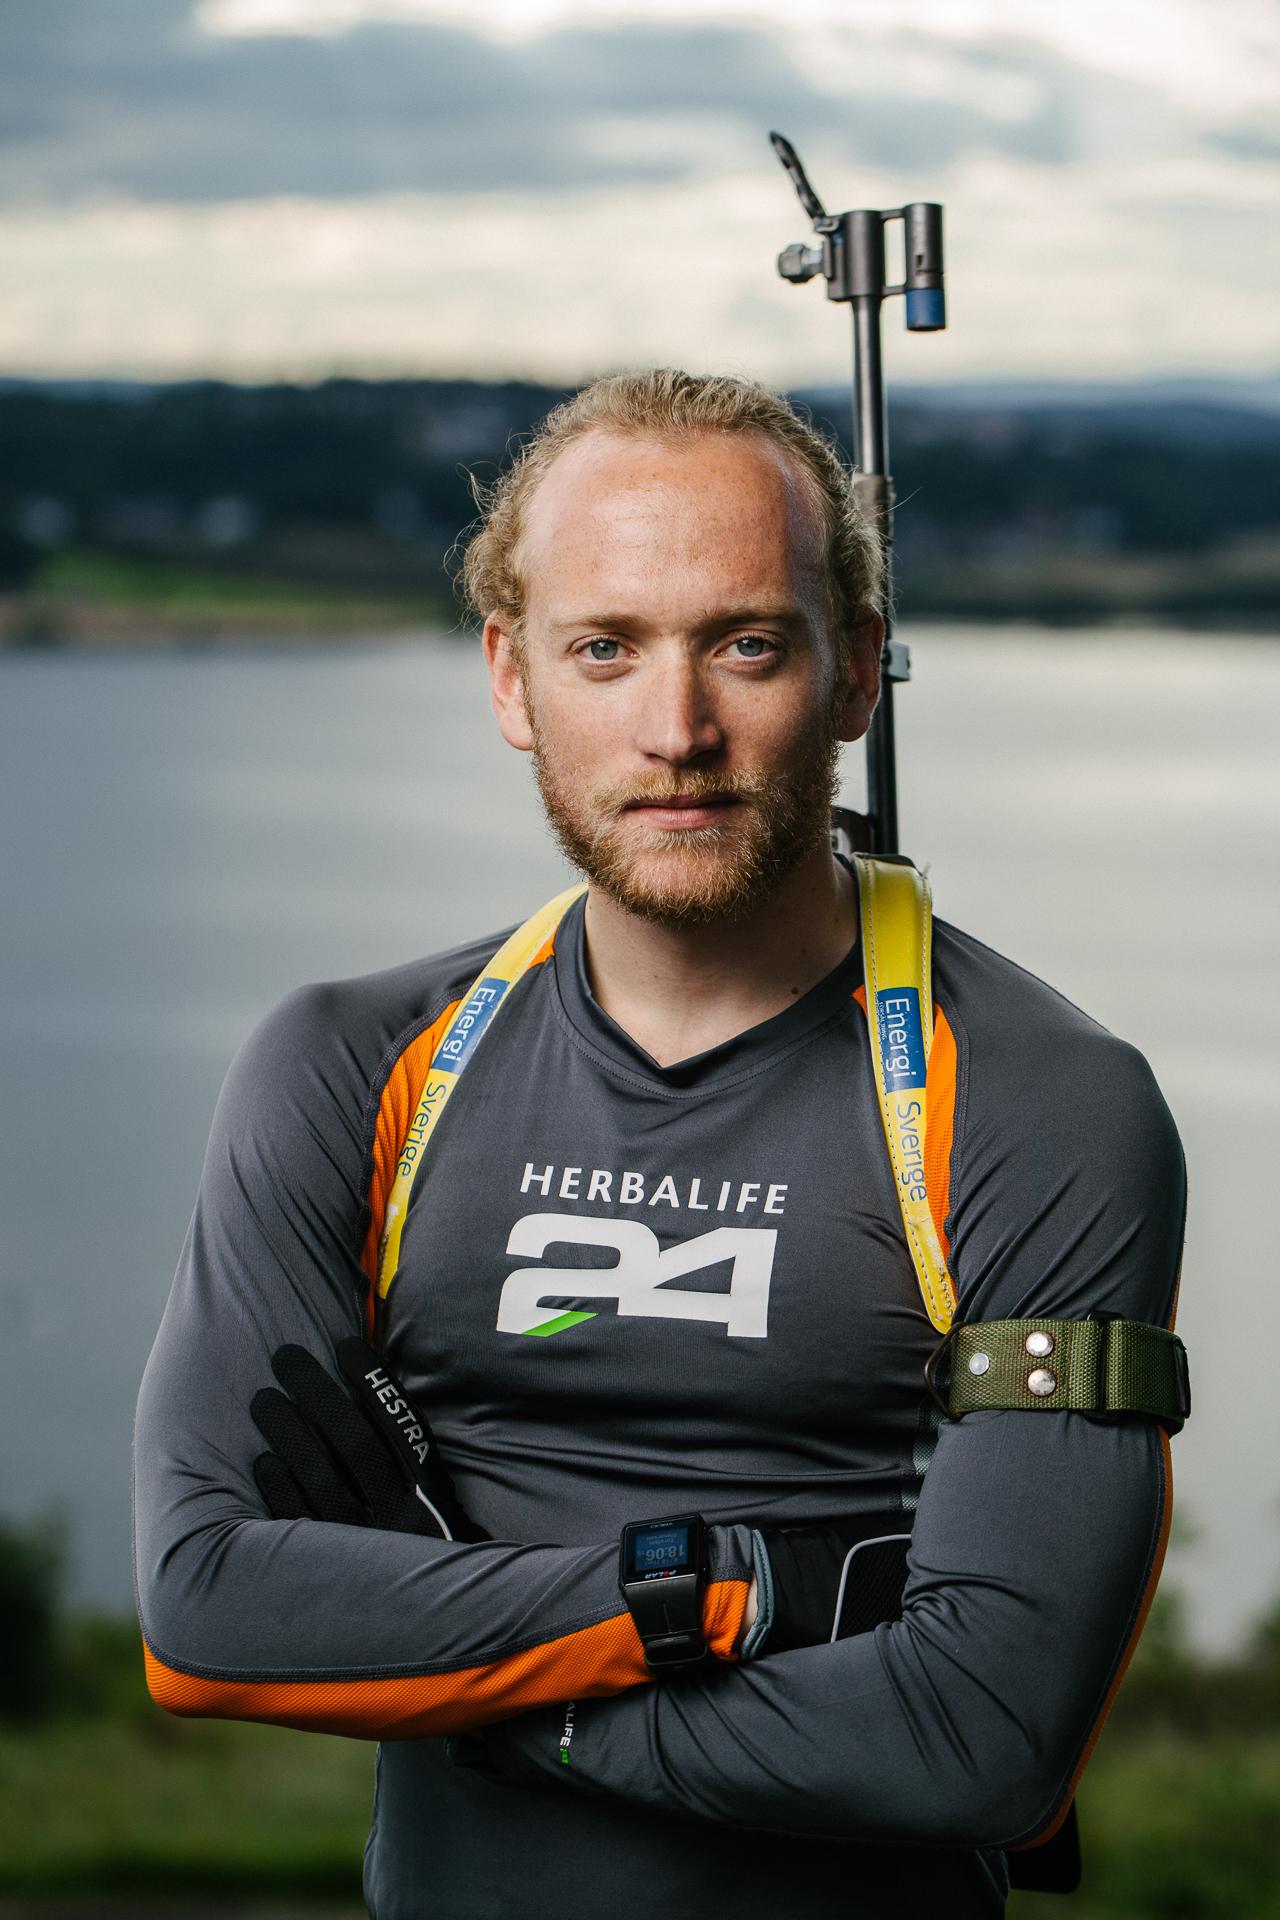 Biathlon-athlete Torstein Stenersen.